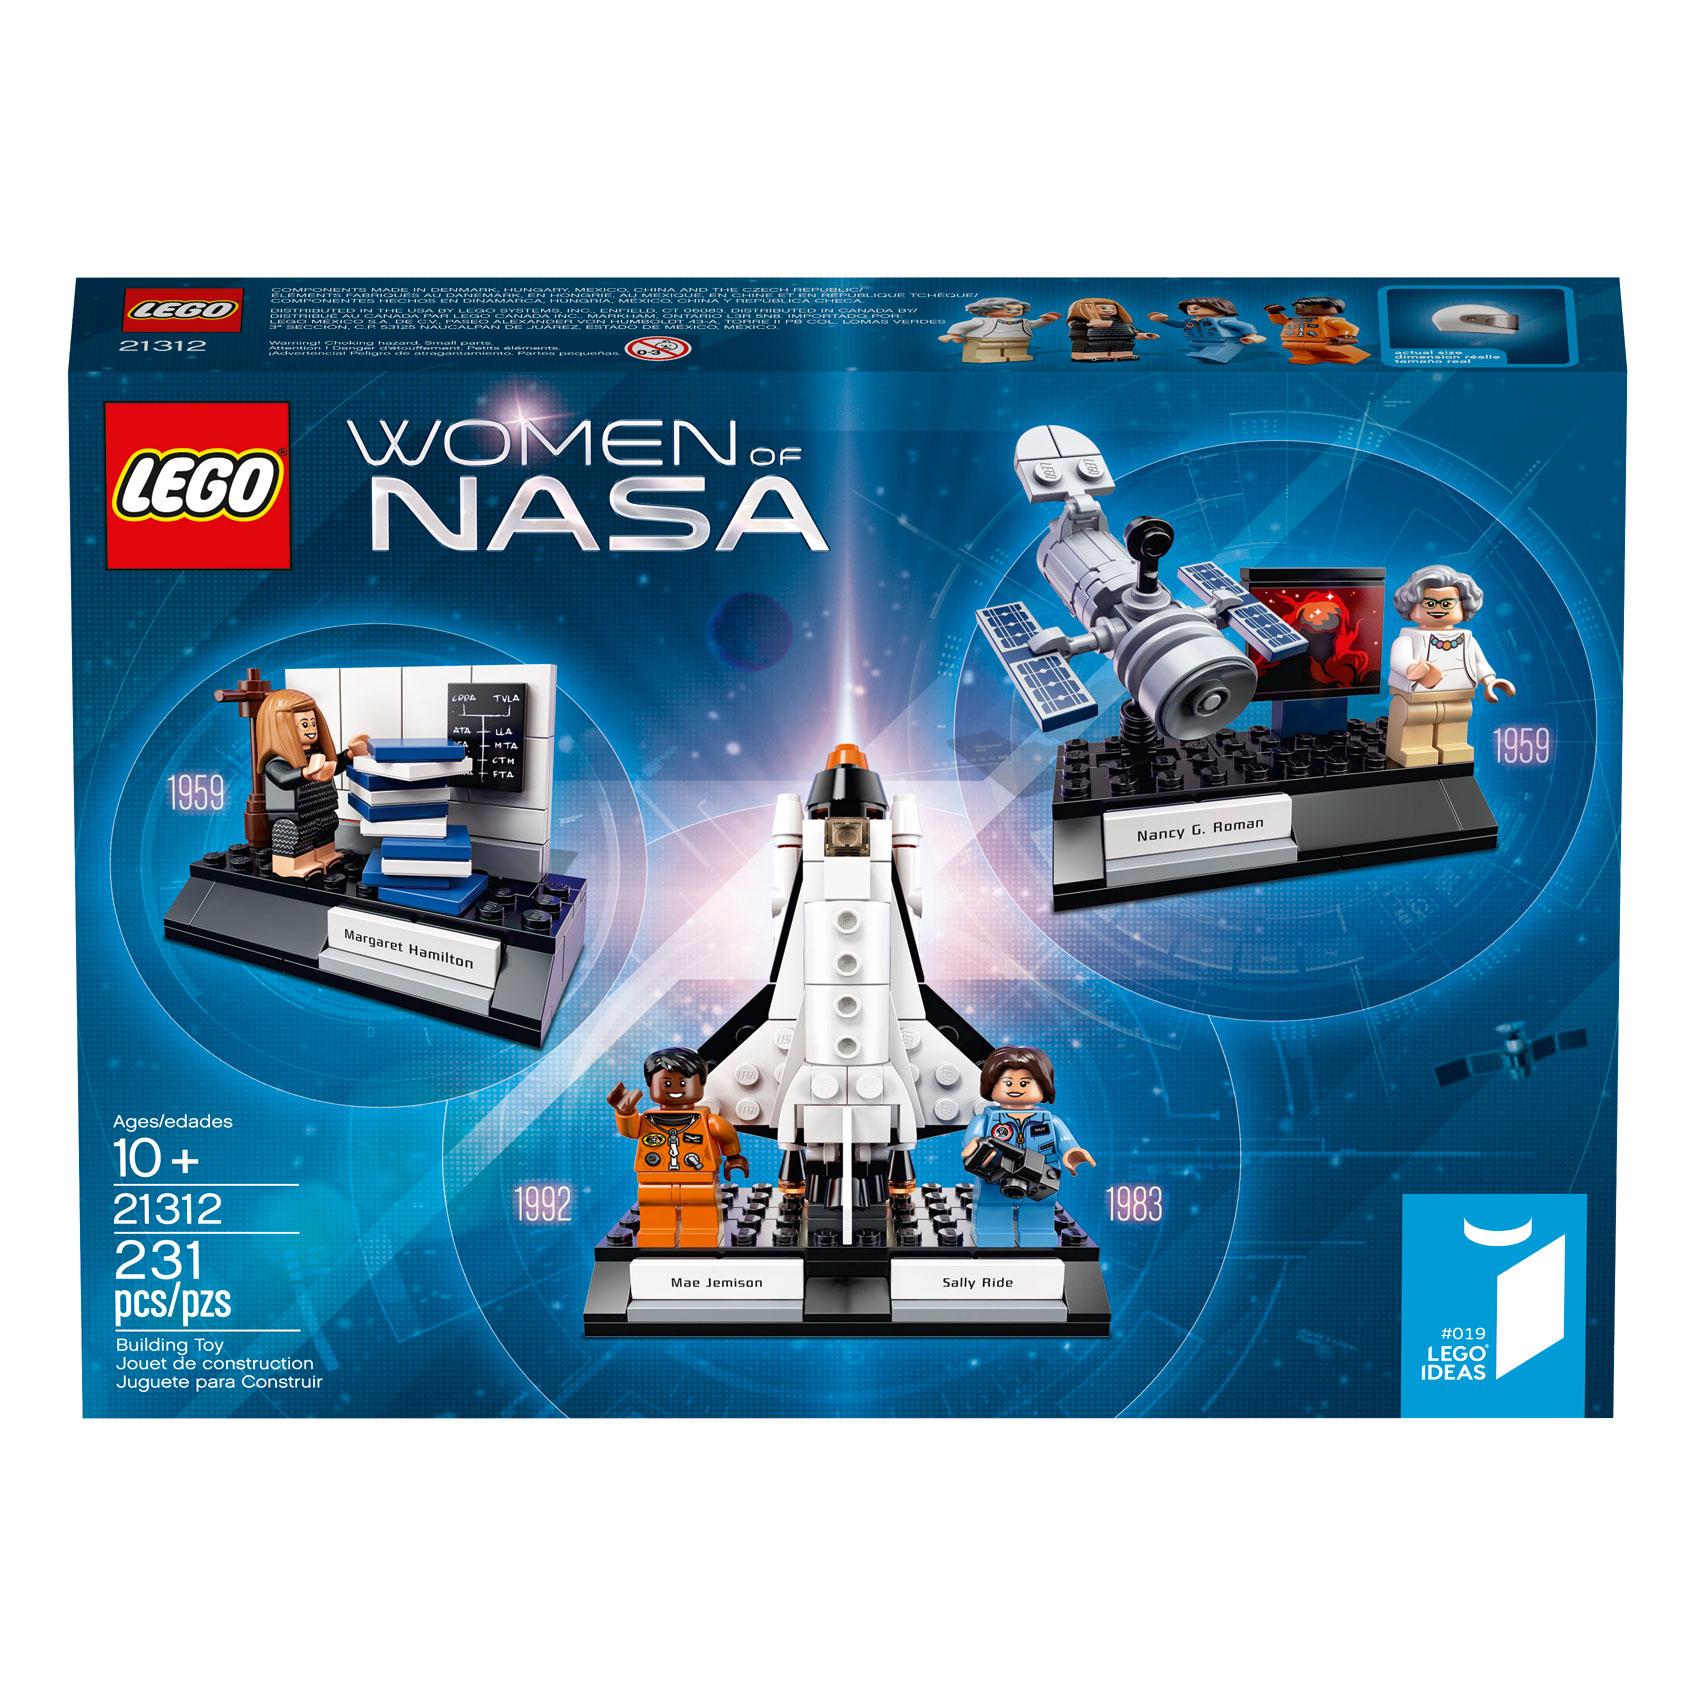 21312 Women of NASA 1-to-1